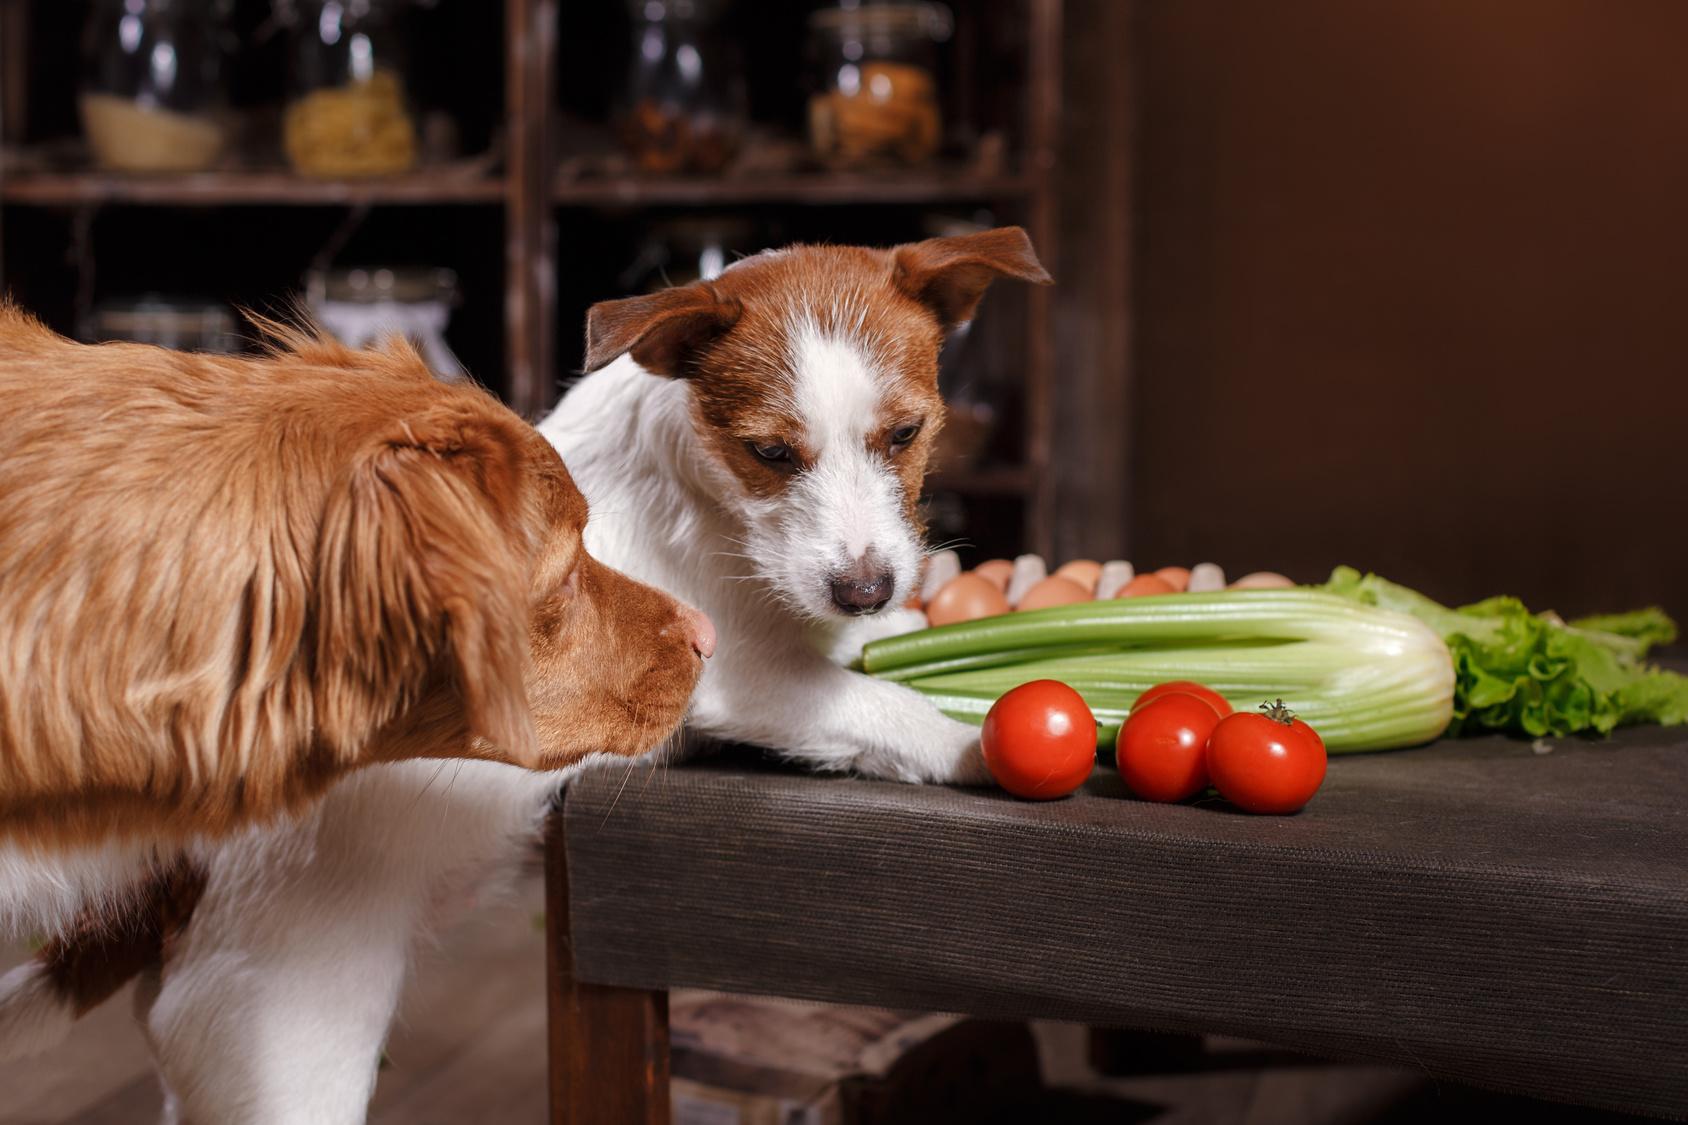 ワンちゃんになんでも食べさせてはダメ!犬が食べたら危険な食べ物